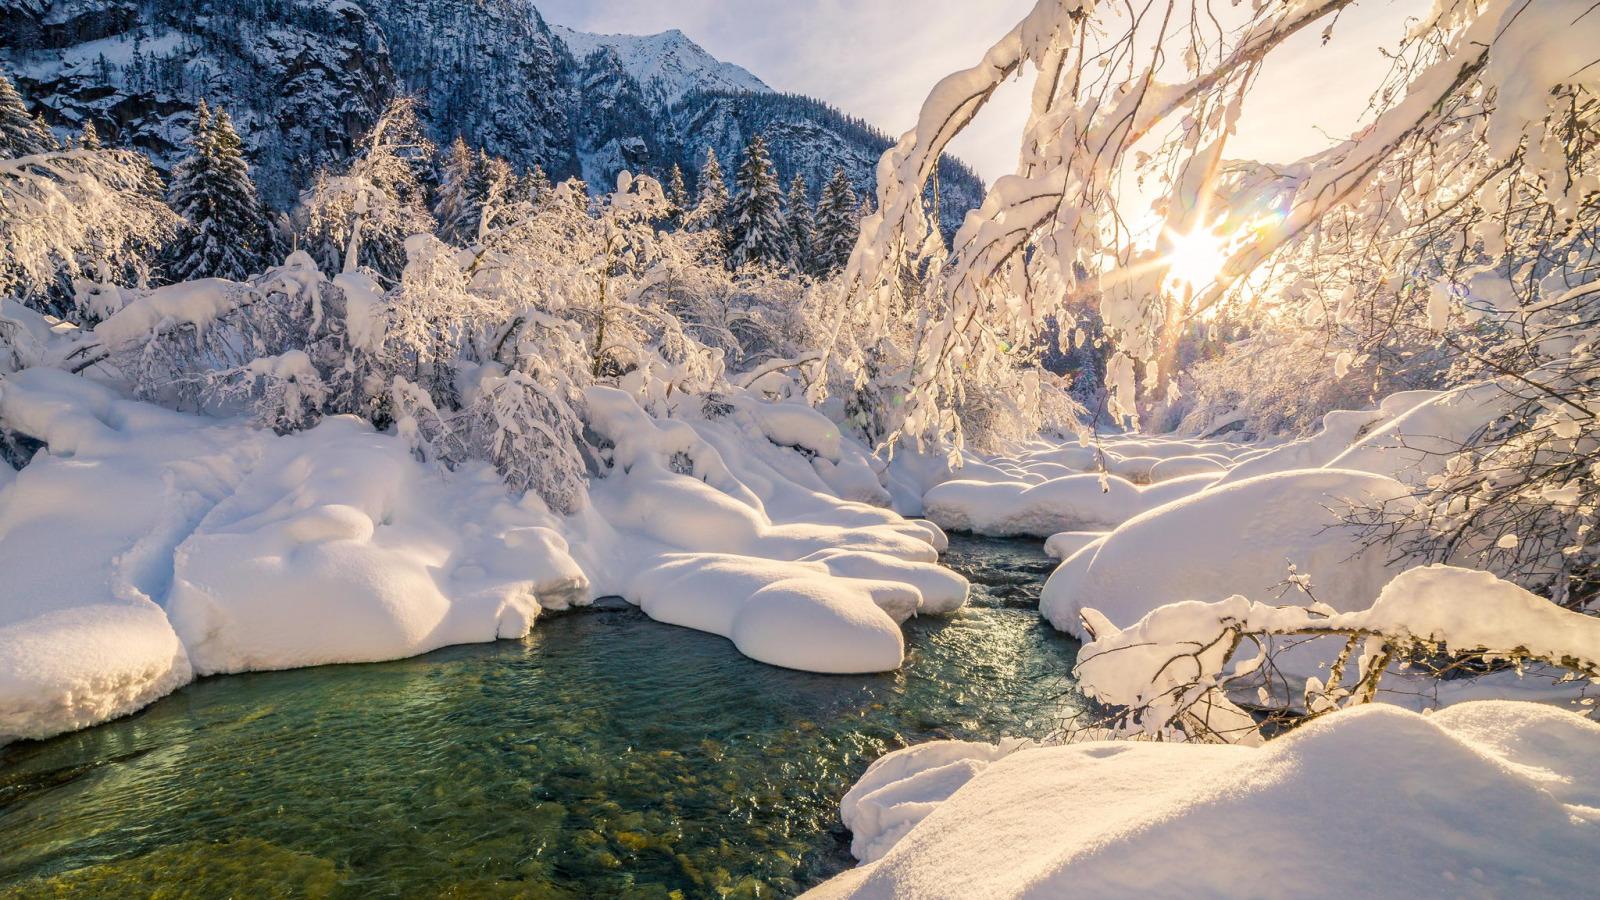 неприятных запахов фото красивых зимних уголков представитель по-разному приживается